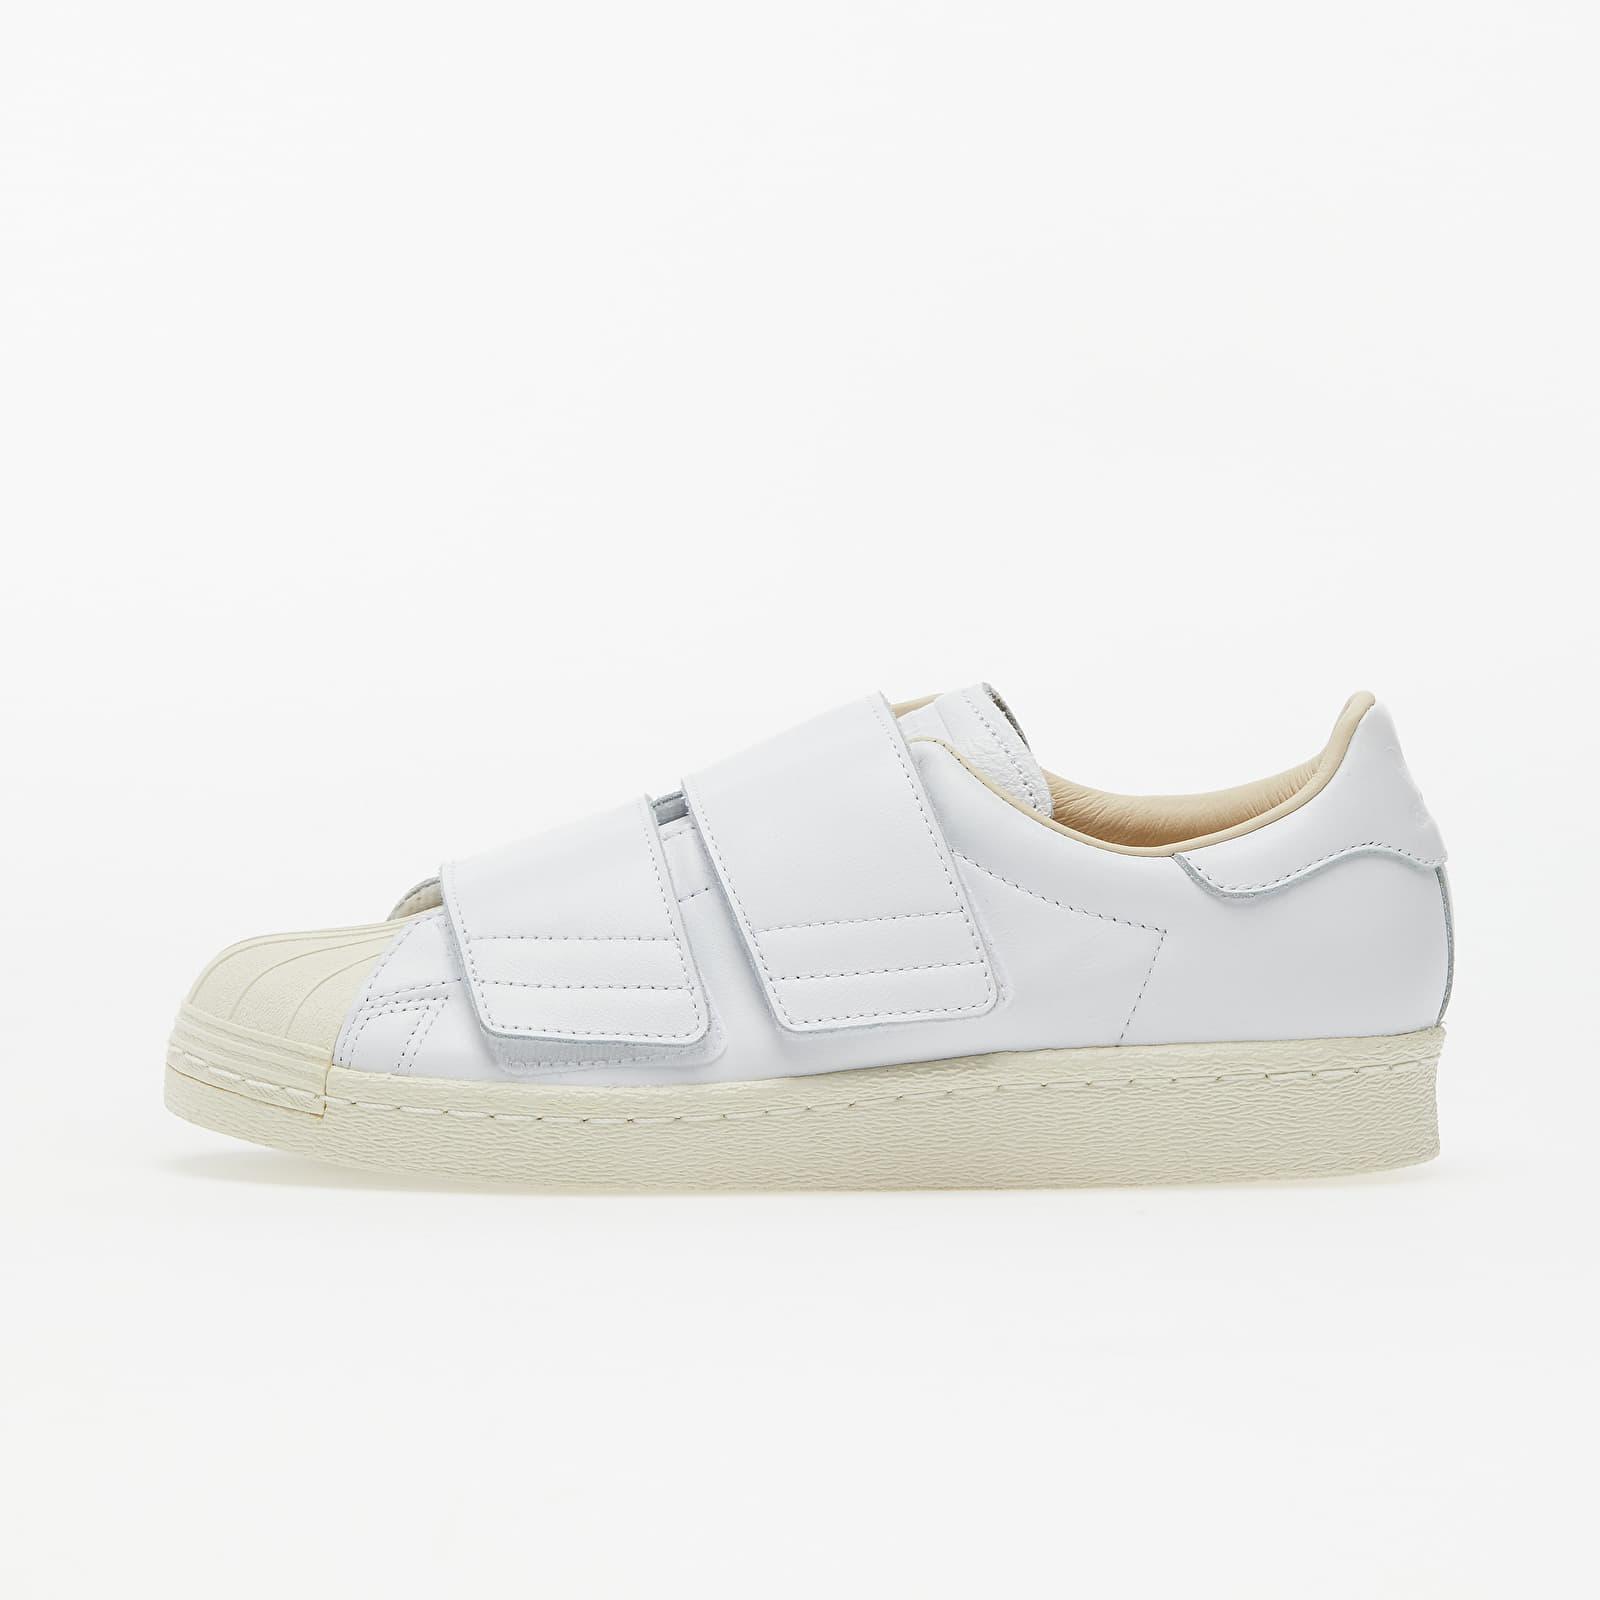 Încălțăminte și sneakerși pentru femei adidas Superstar 80s CF W Ftw White/ Ftw White/ Linen